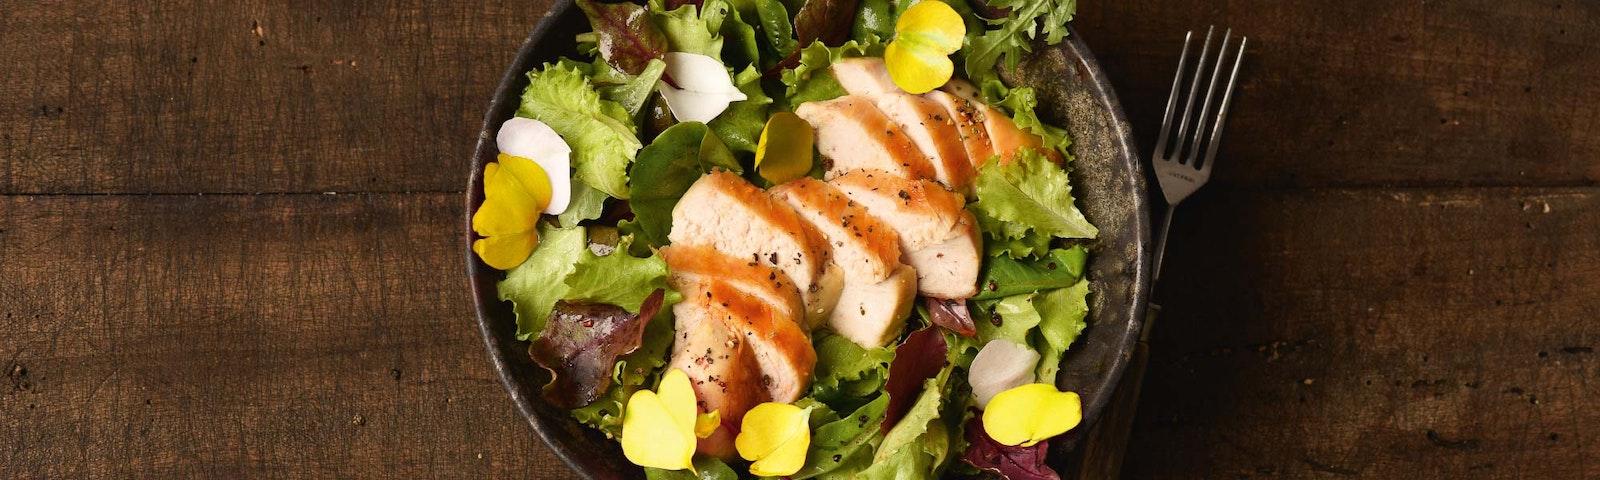 Putenbrust auf Salat